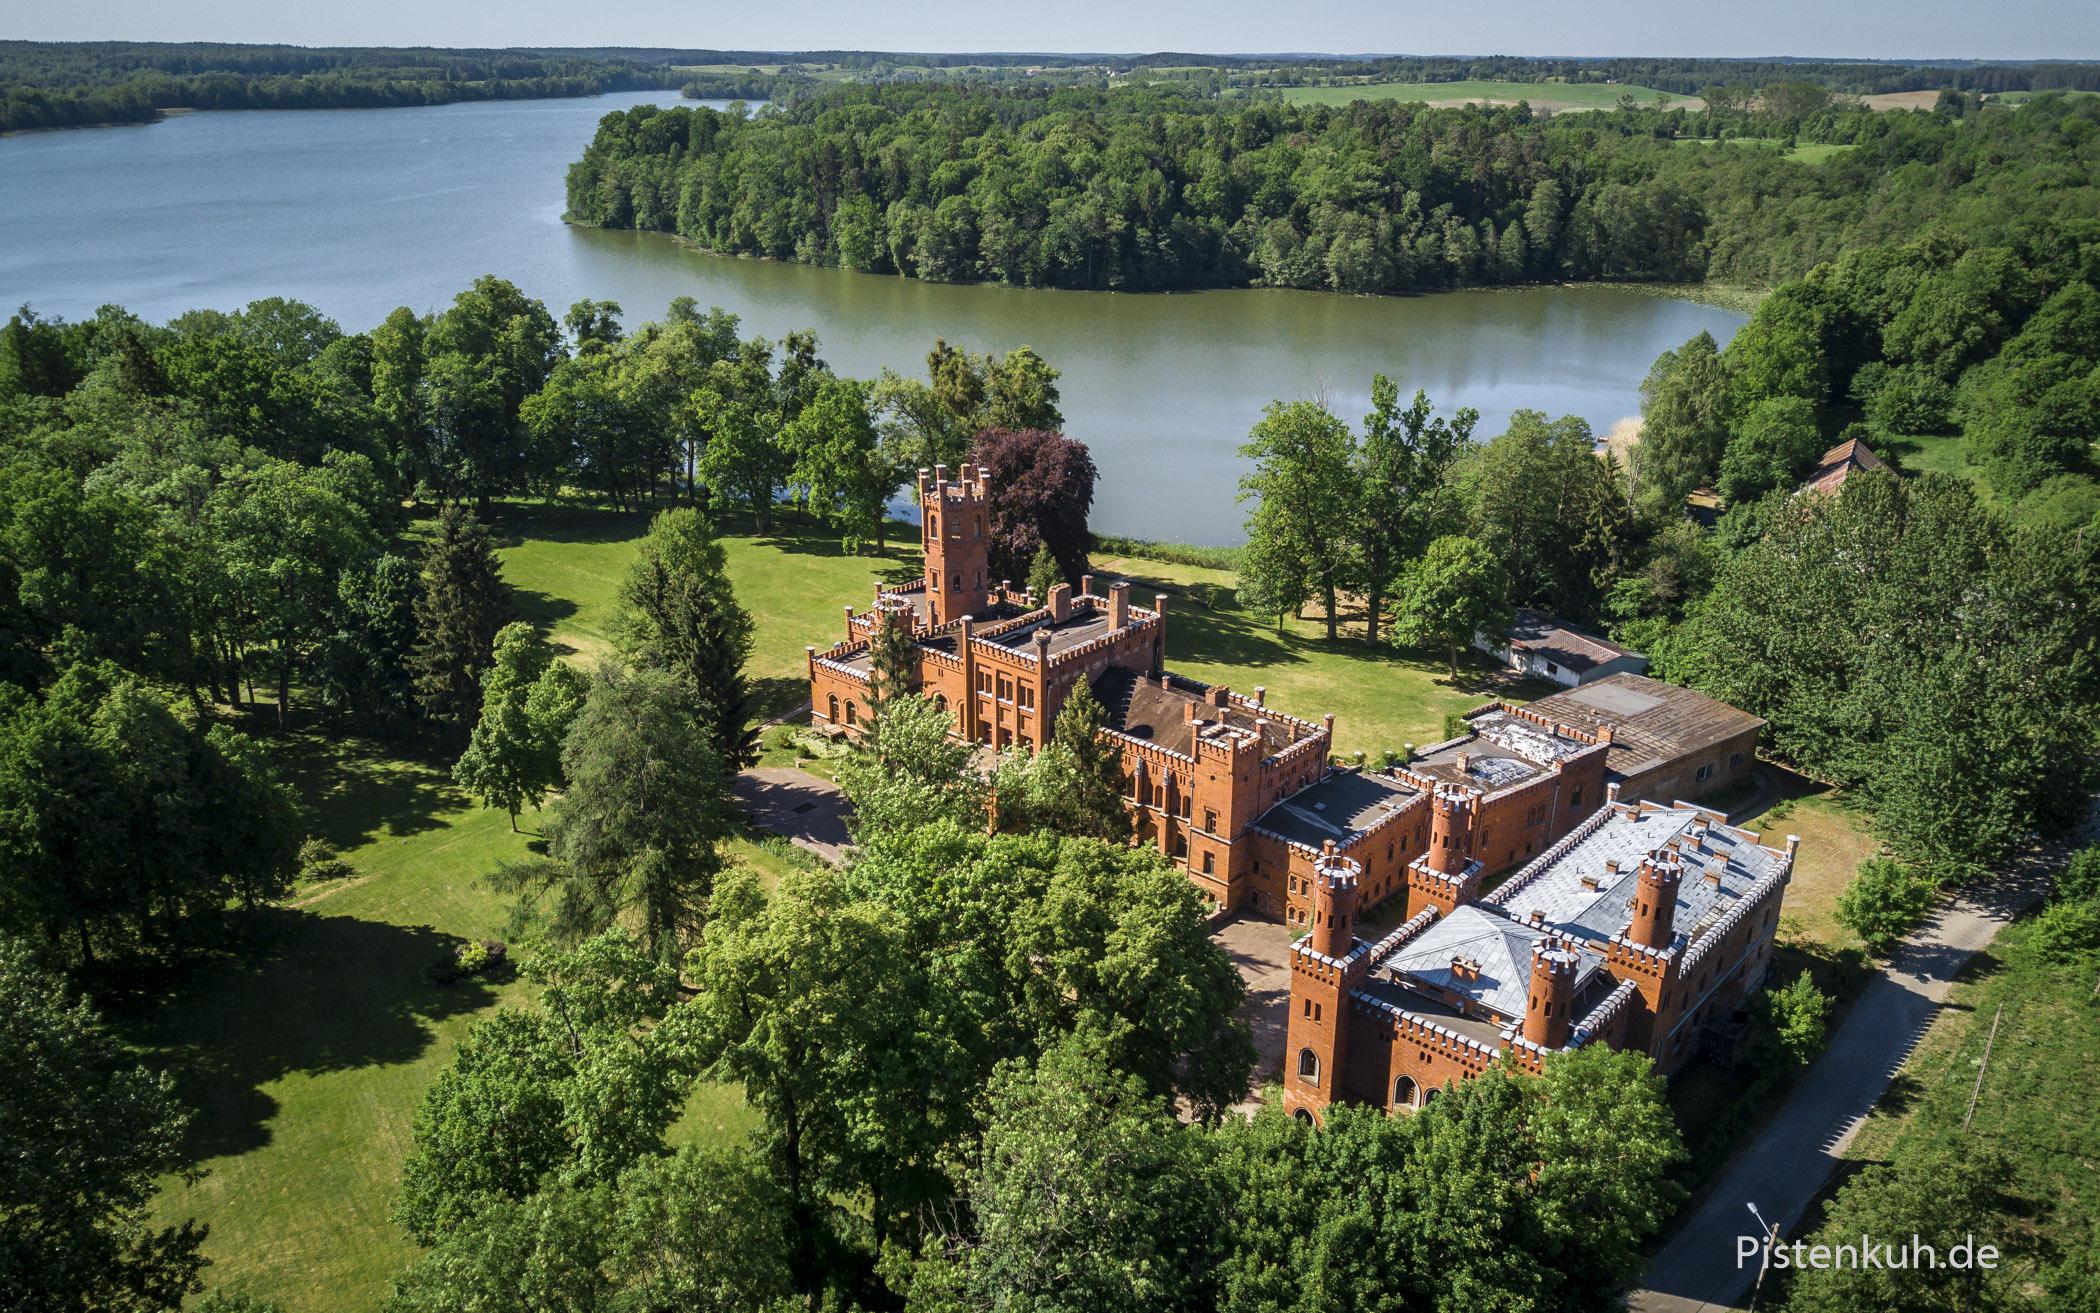 Das Schloss Sorquitten liegt malerisch am See